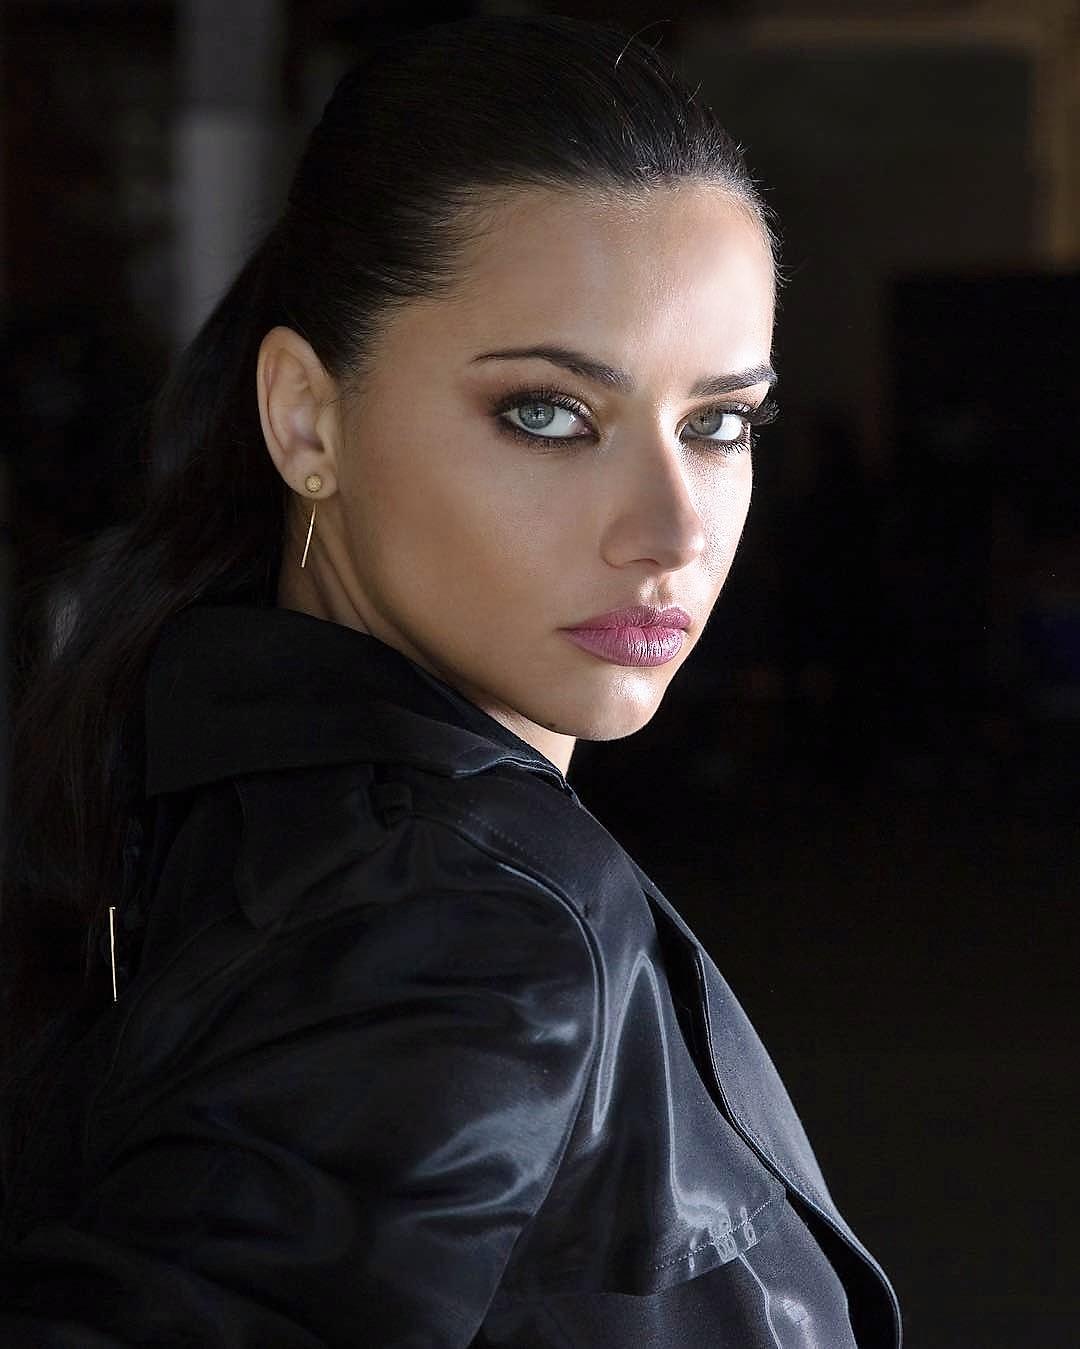 Adriana-Lima-2016-instagram